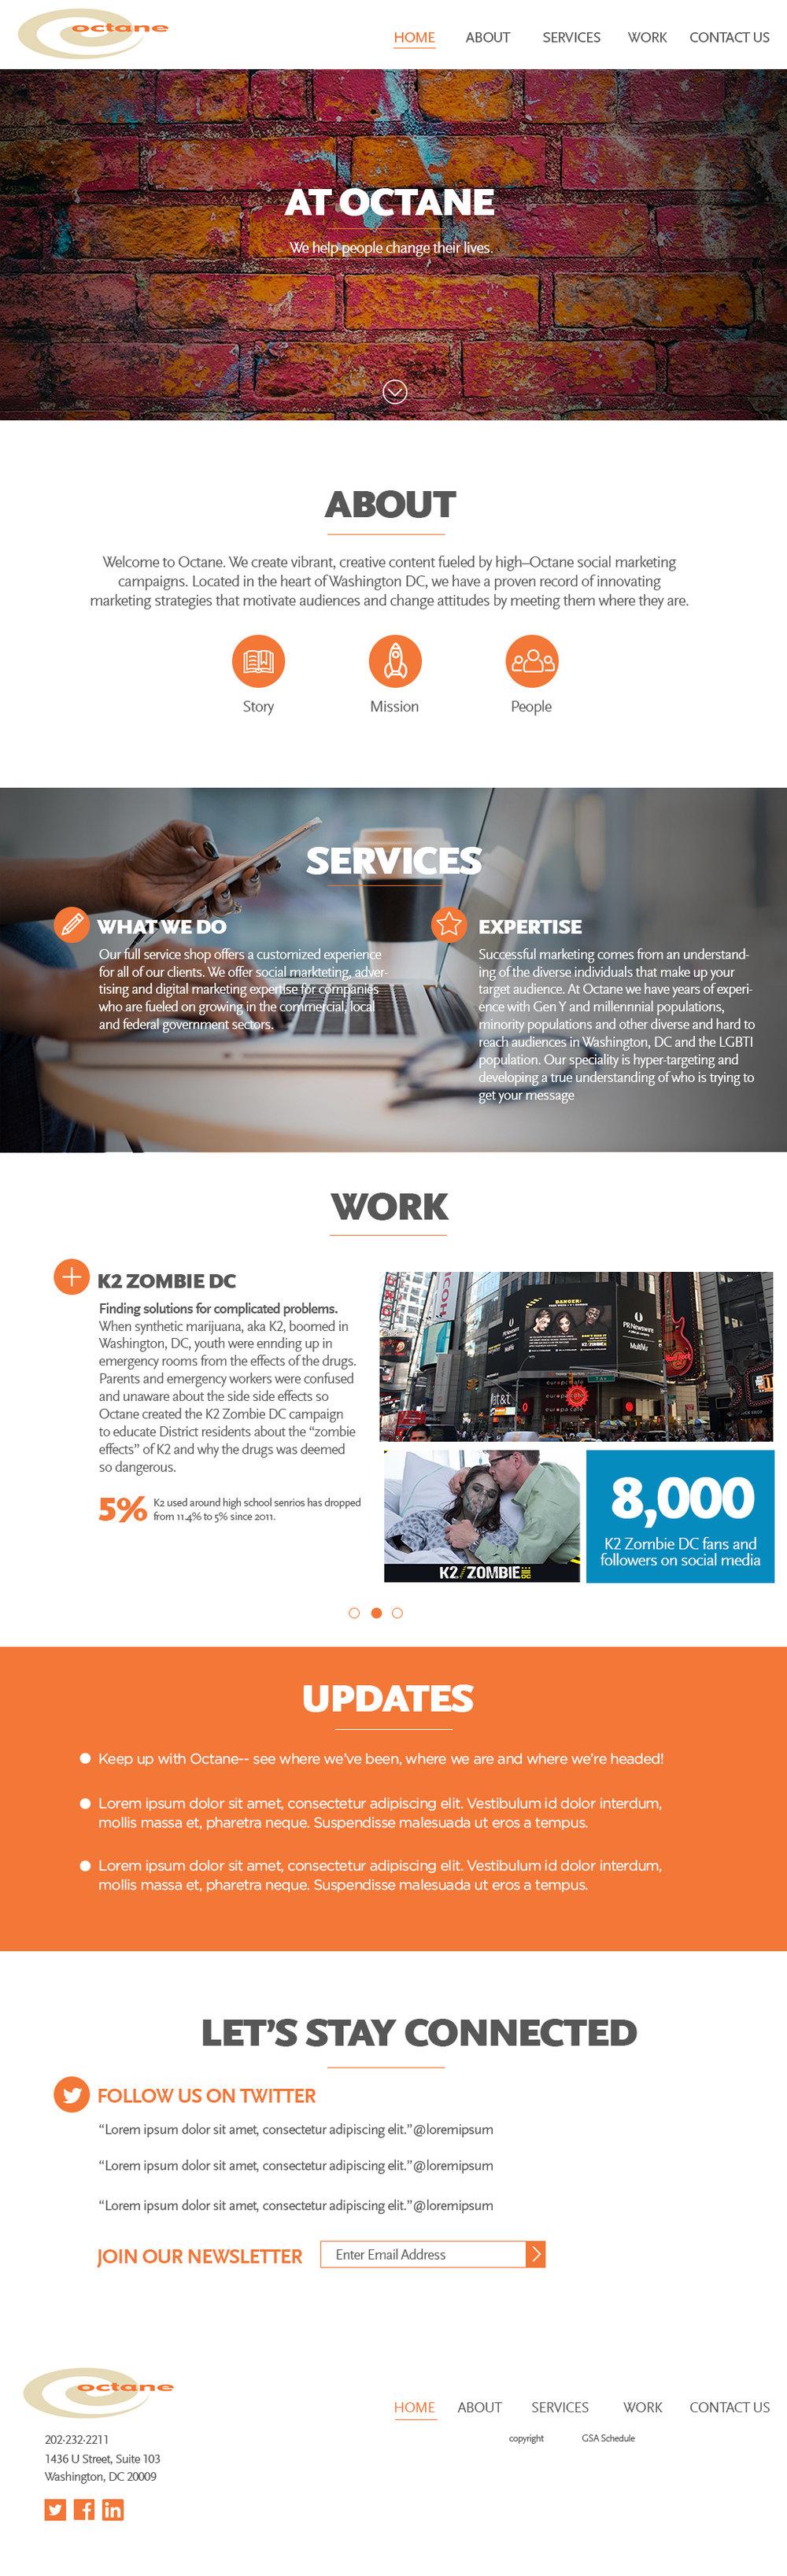 octane_homepage_mockupw:Zombie.jpg